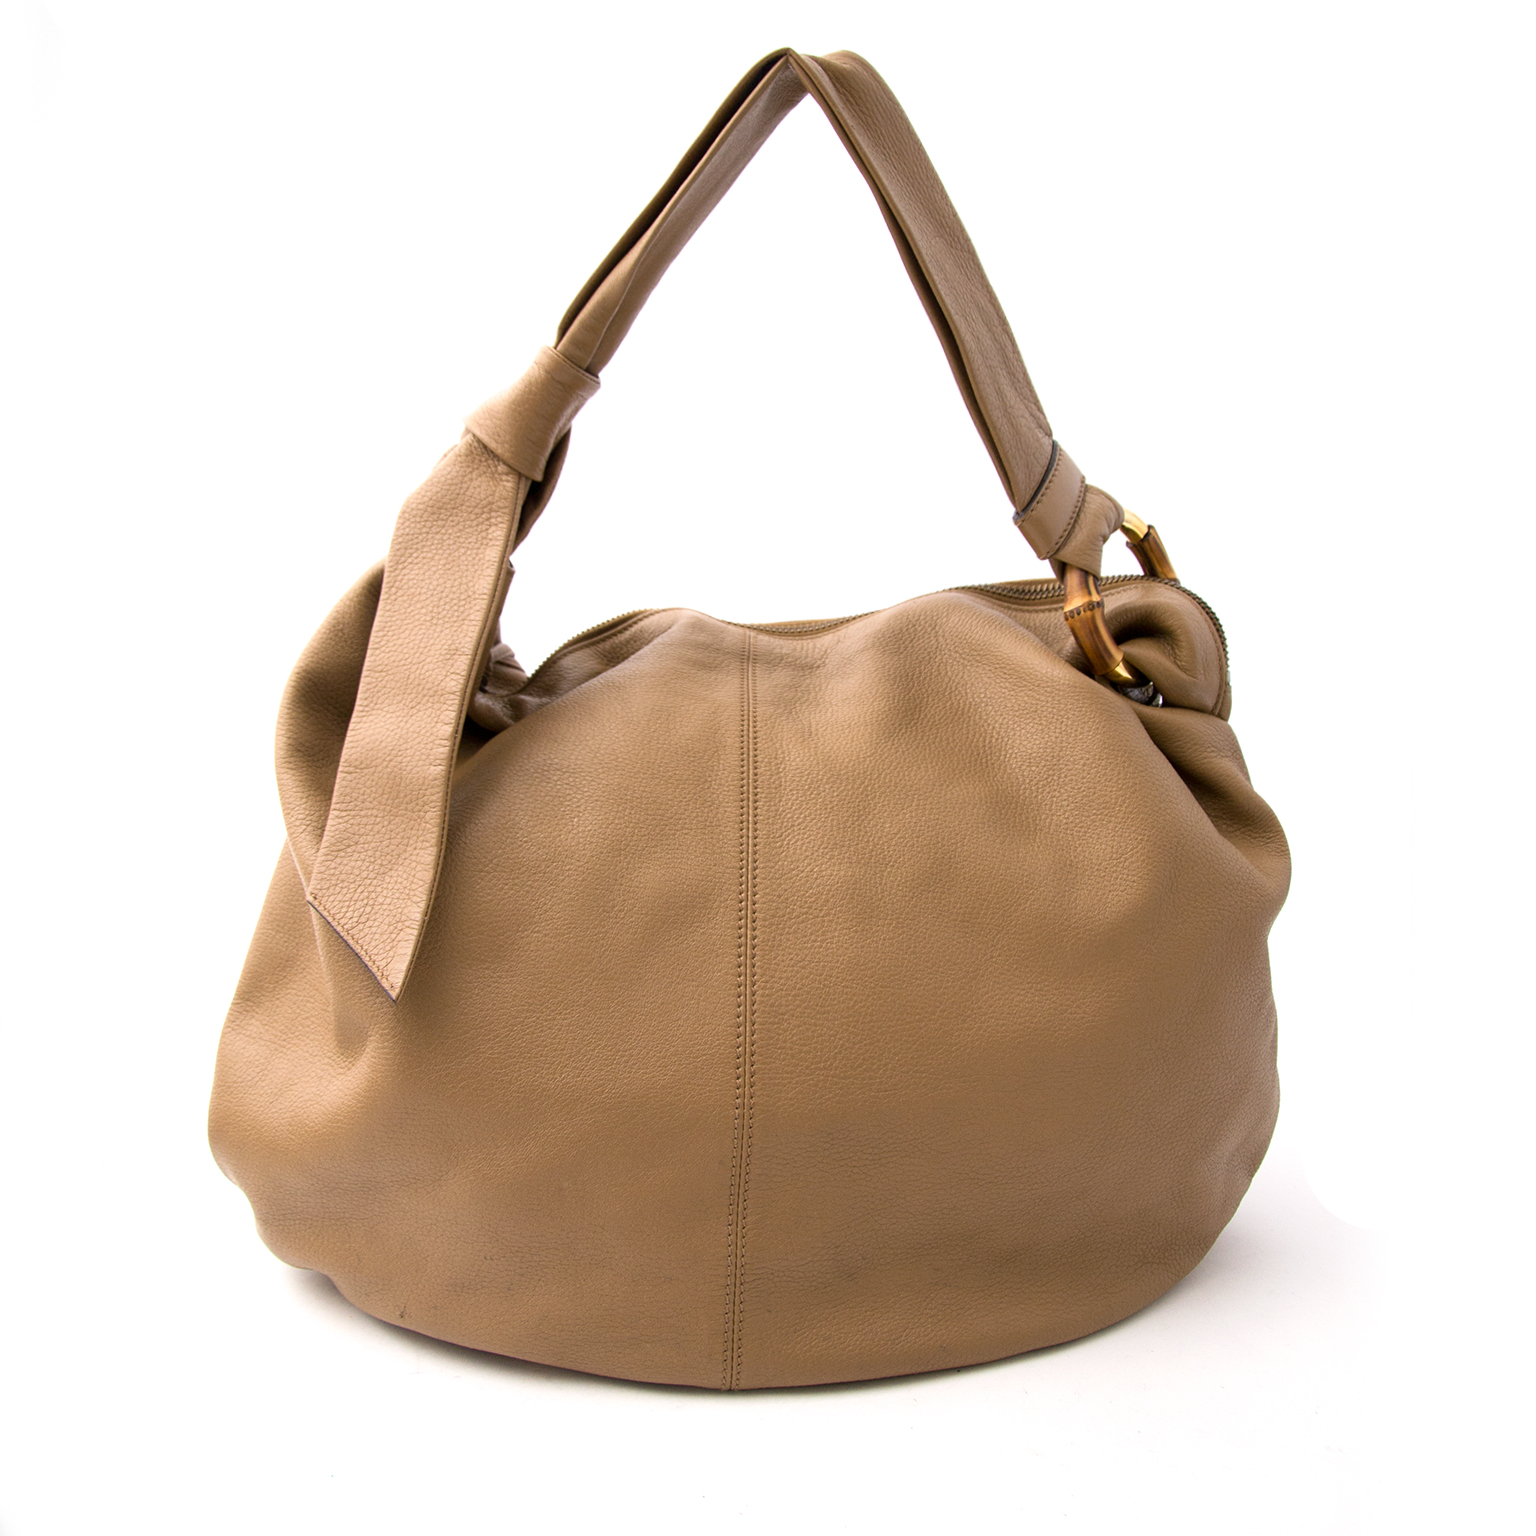 Acheter secur en ligne votre Gucci Bamboo Sand Hobo Bag pour le meilleur prix